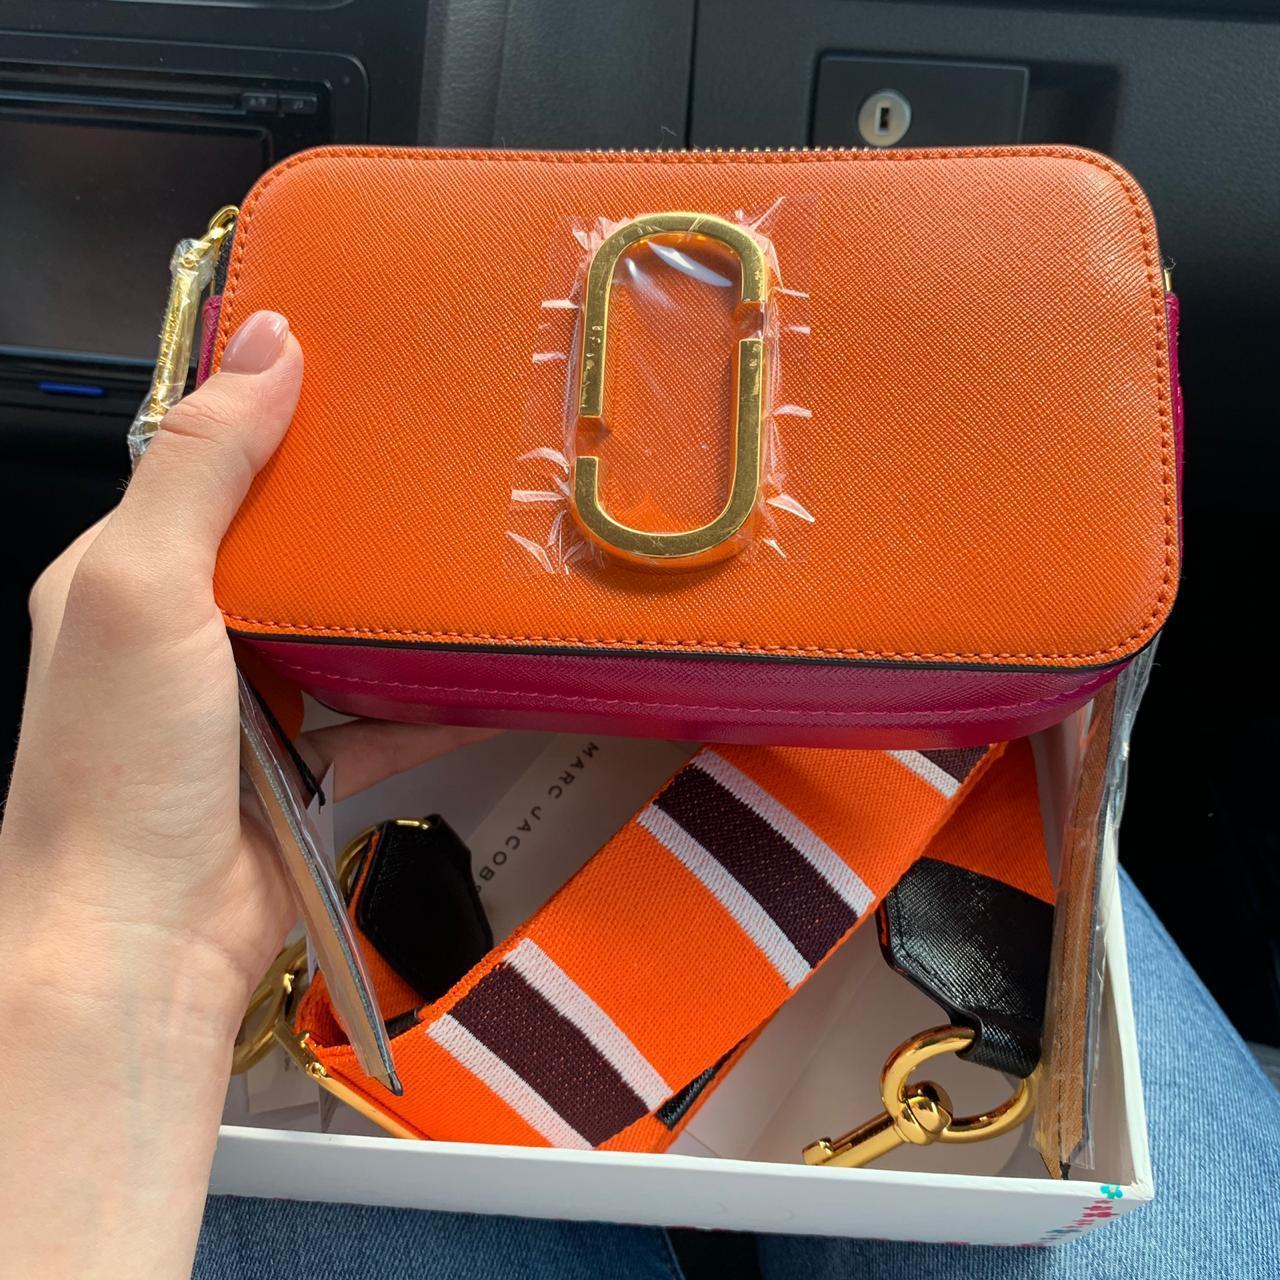 Жіноча сумка в стилі Marc Jacobs (Марк Джейкобс), помаранчева з рожевим